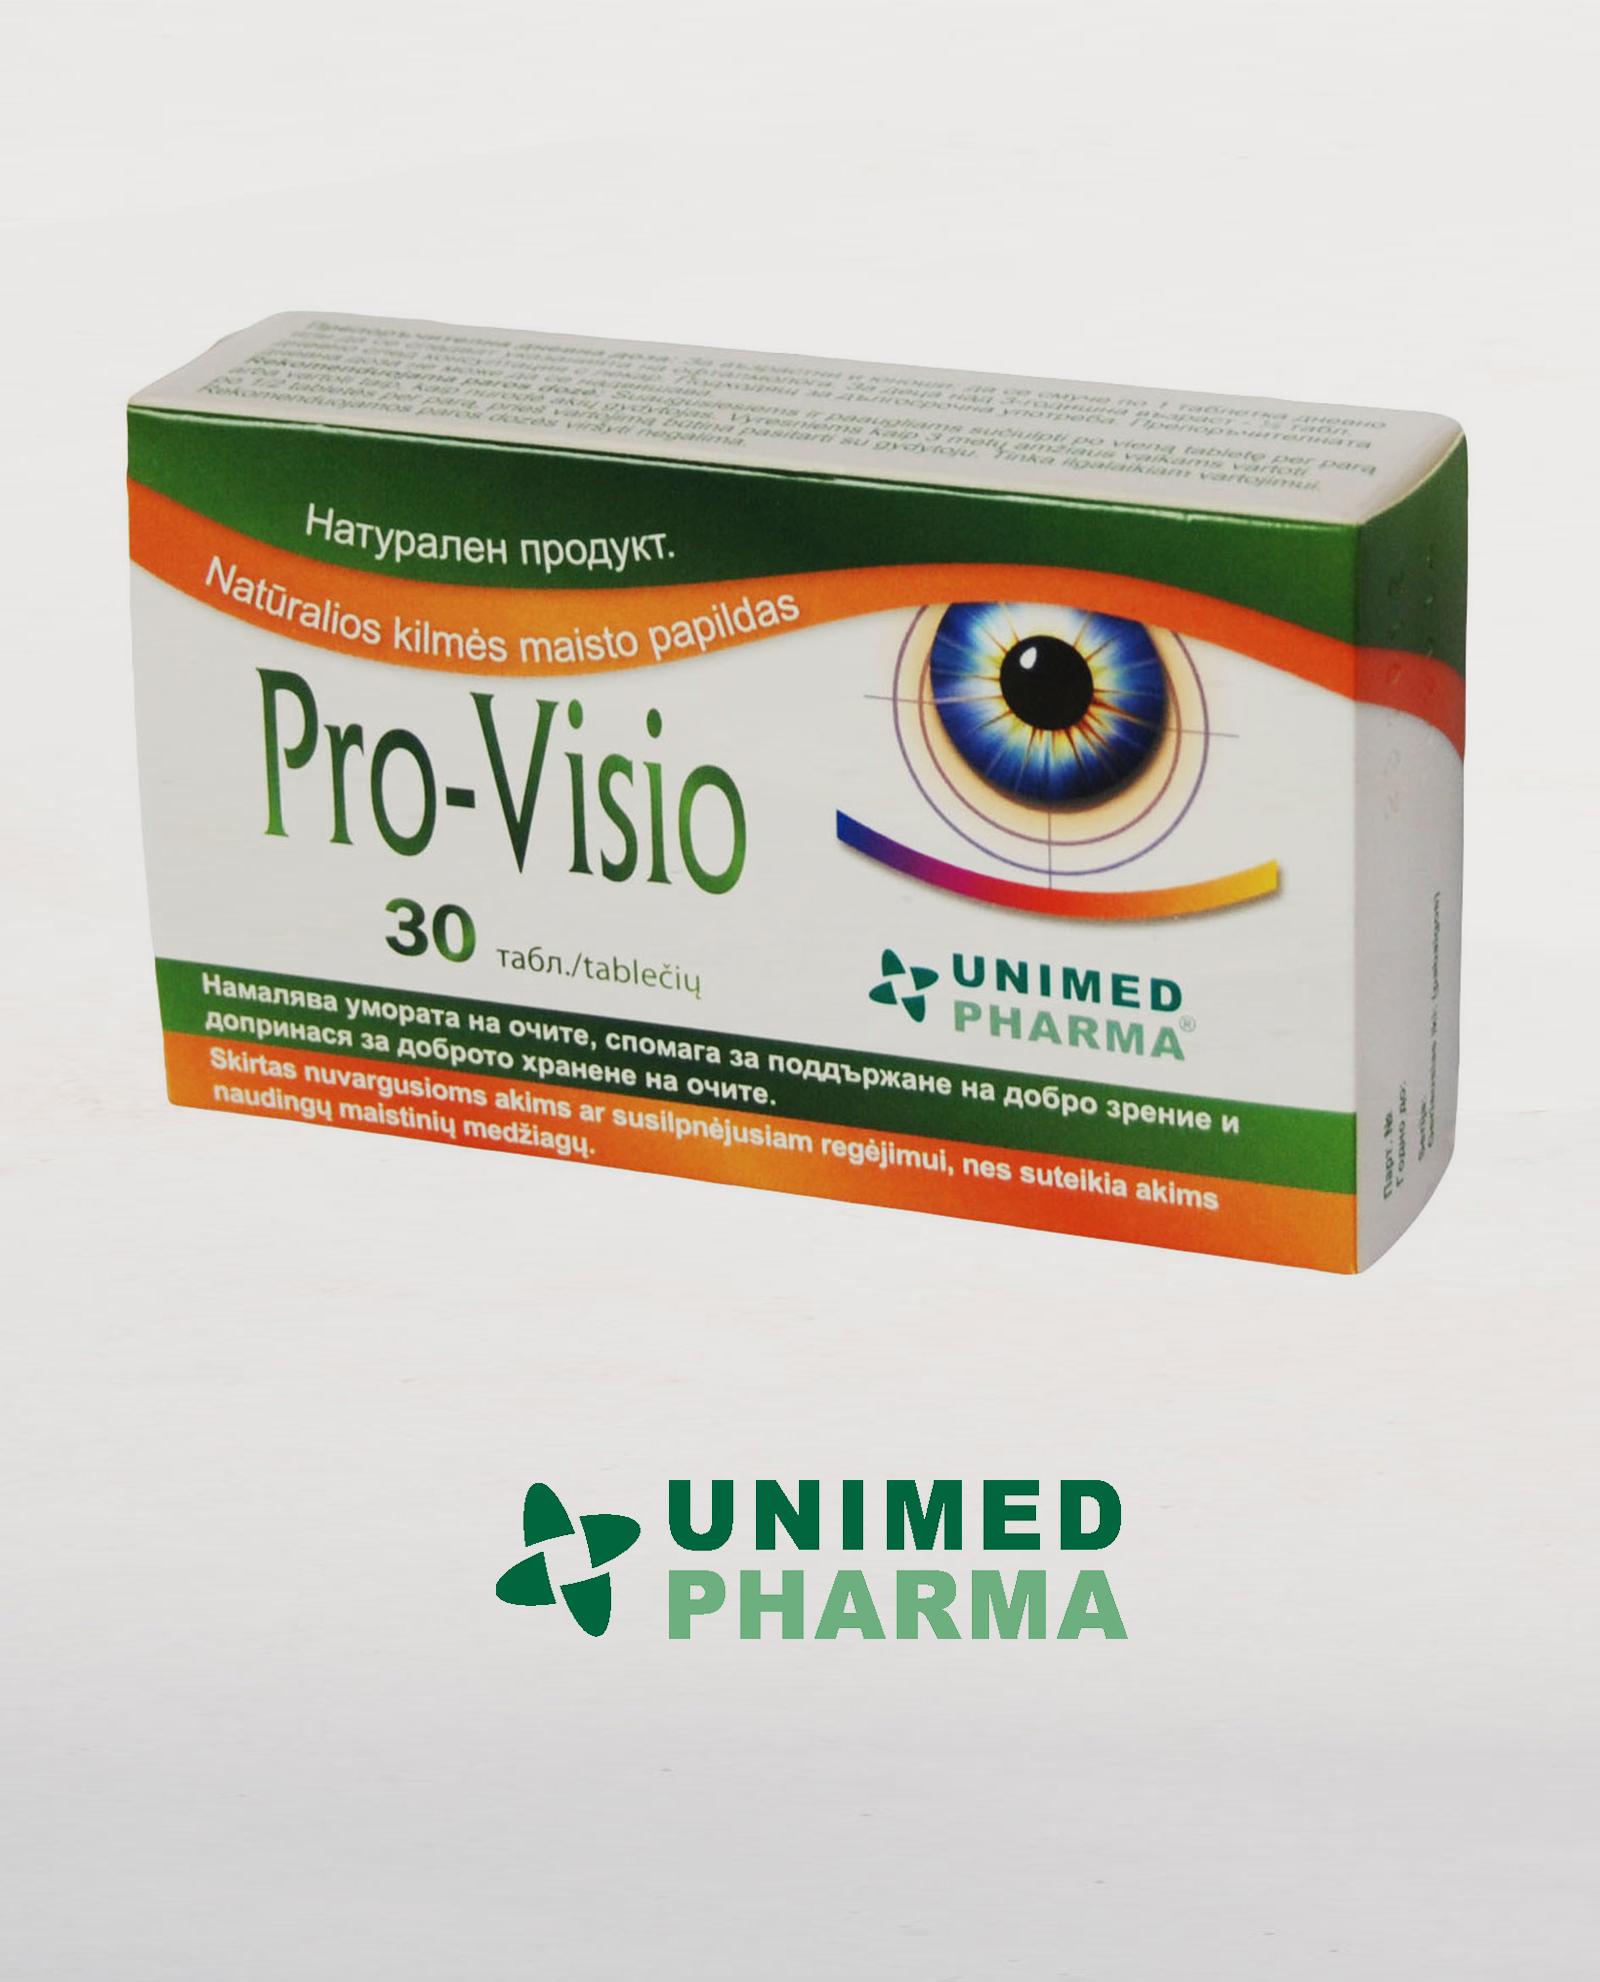 Provisio-Pack